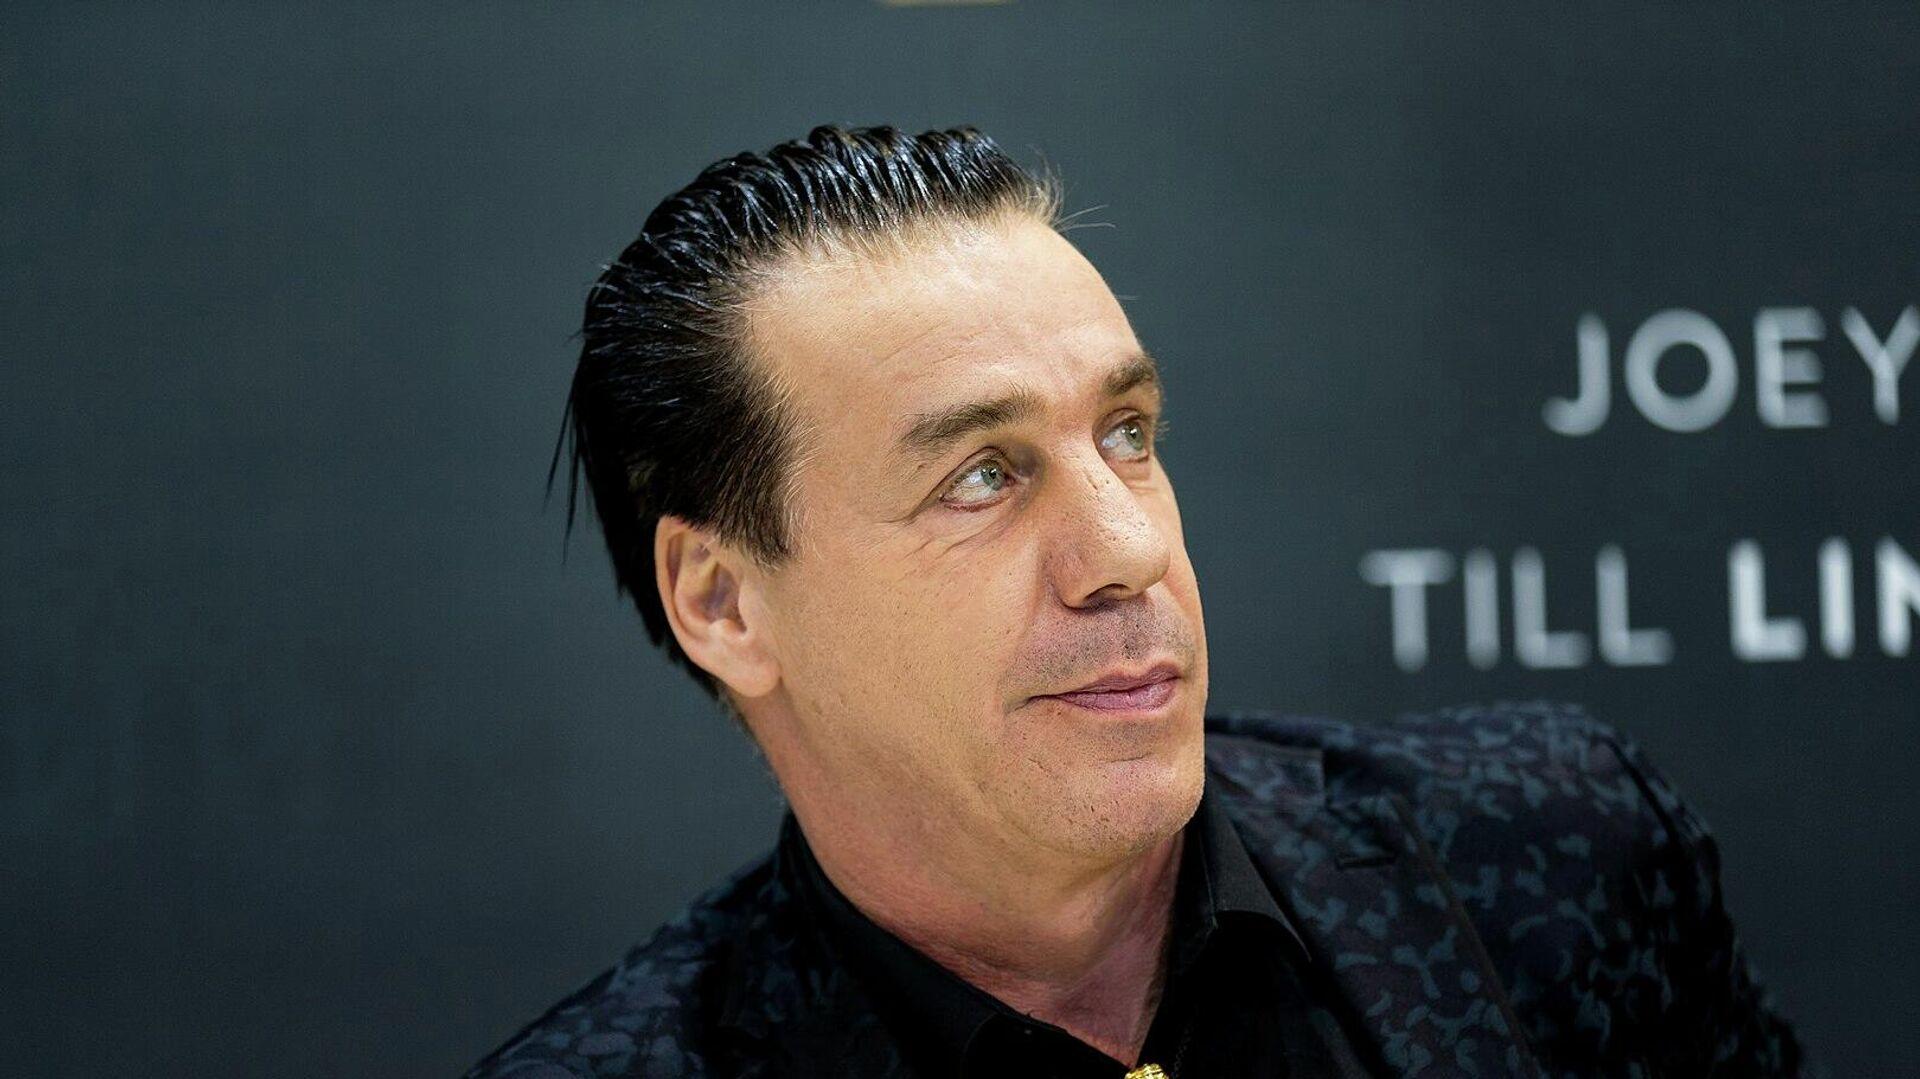 Немецкий вокалист, автор текстов песен и фронтмен метал-групп Rammstein и Lindemann Тилль Линдеманн - РИА Новости, 1920, 01.06.2021